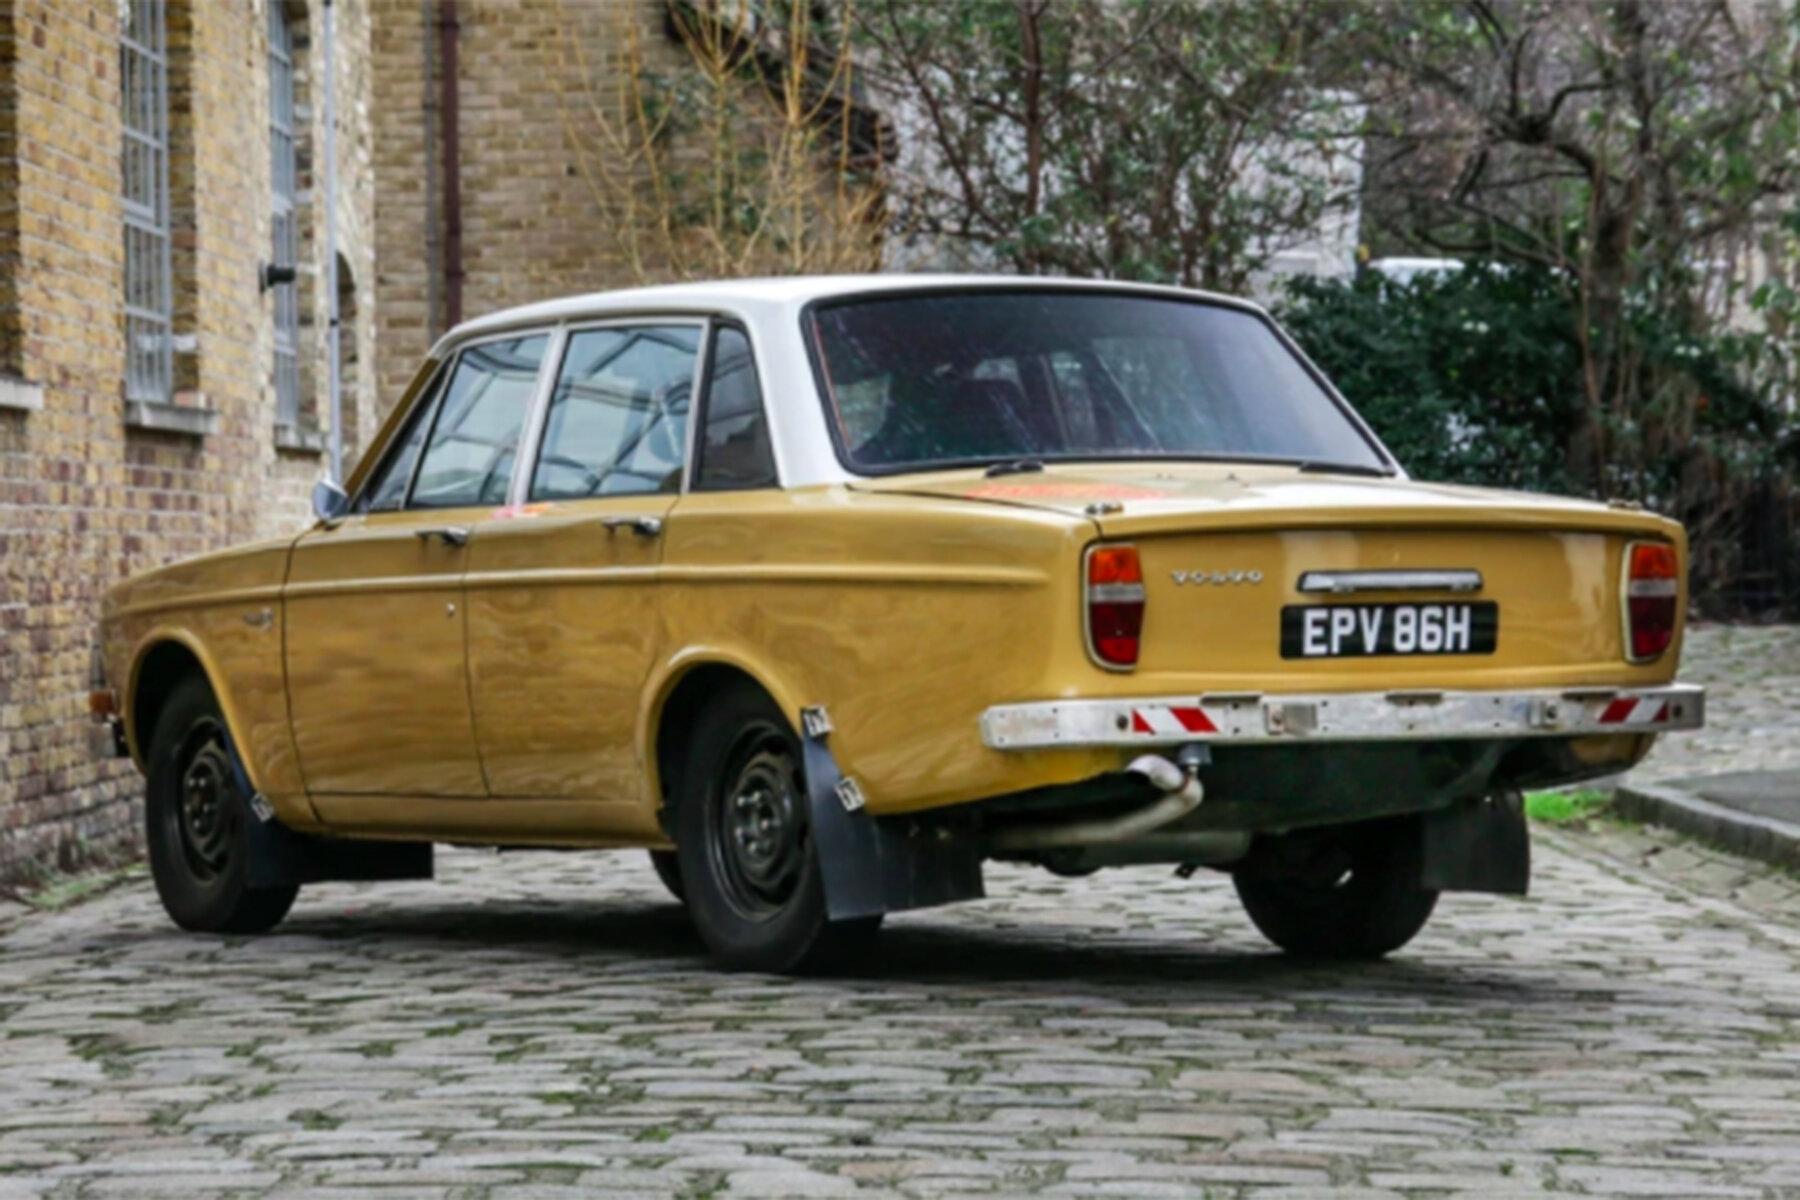 1970 Volvo 144 on offer at Historics